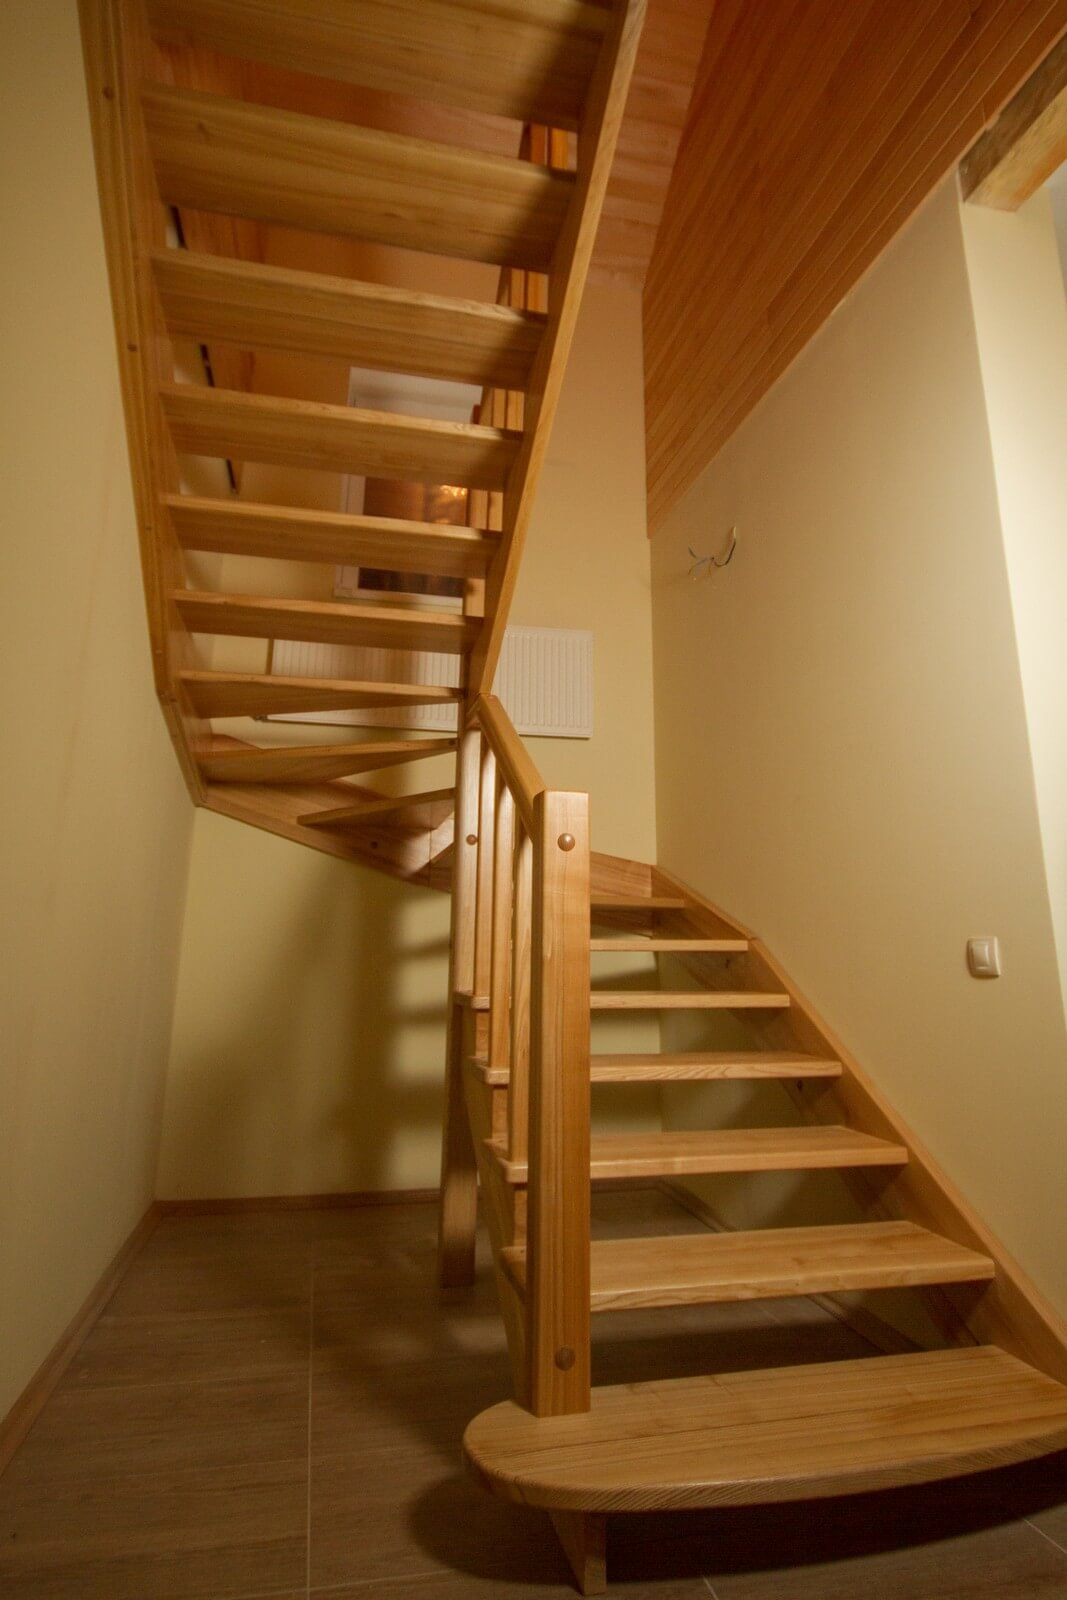 Практичность и эстетика - идеальное сочетание деревянной лестницы, фото-1